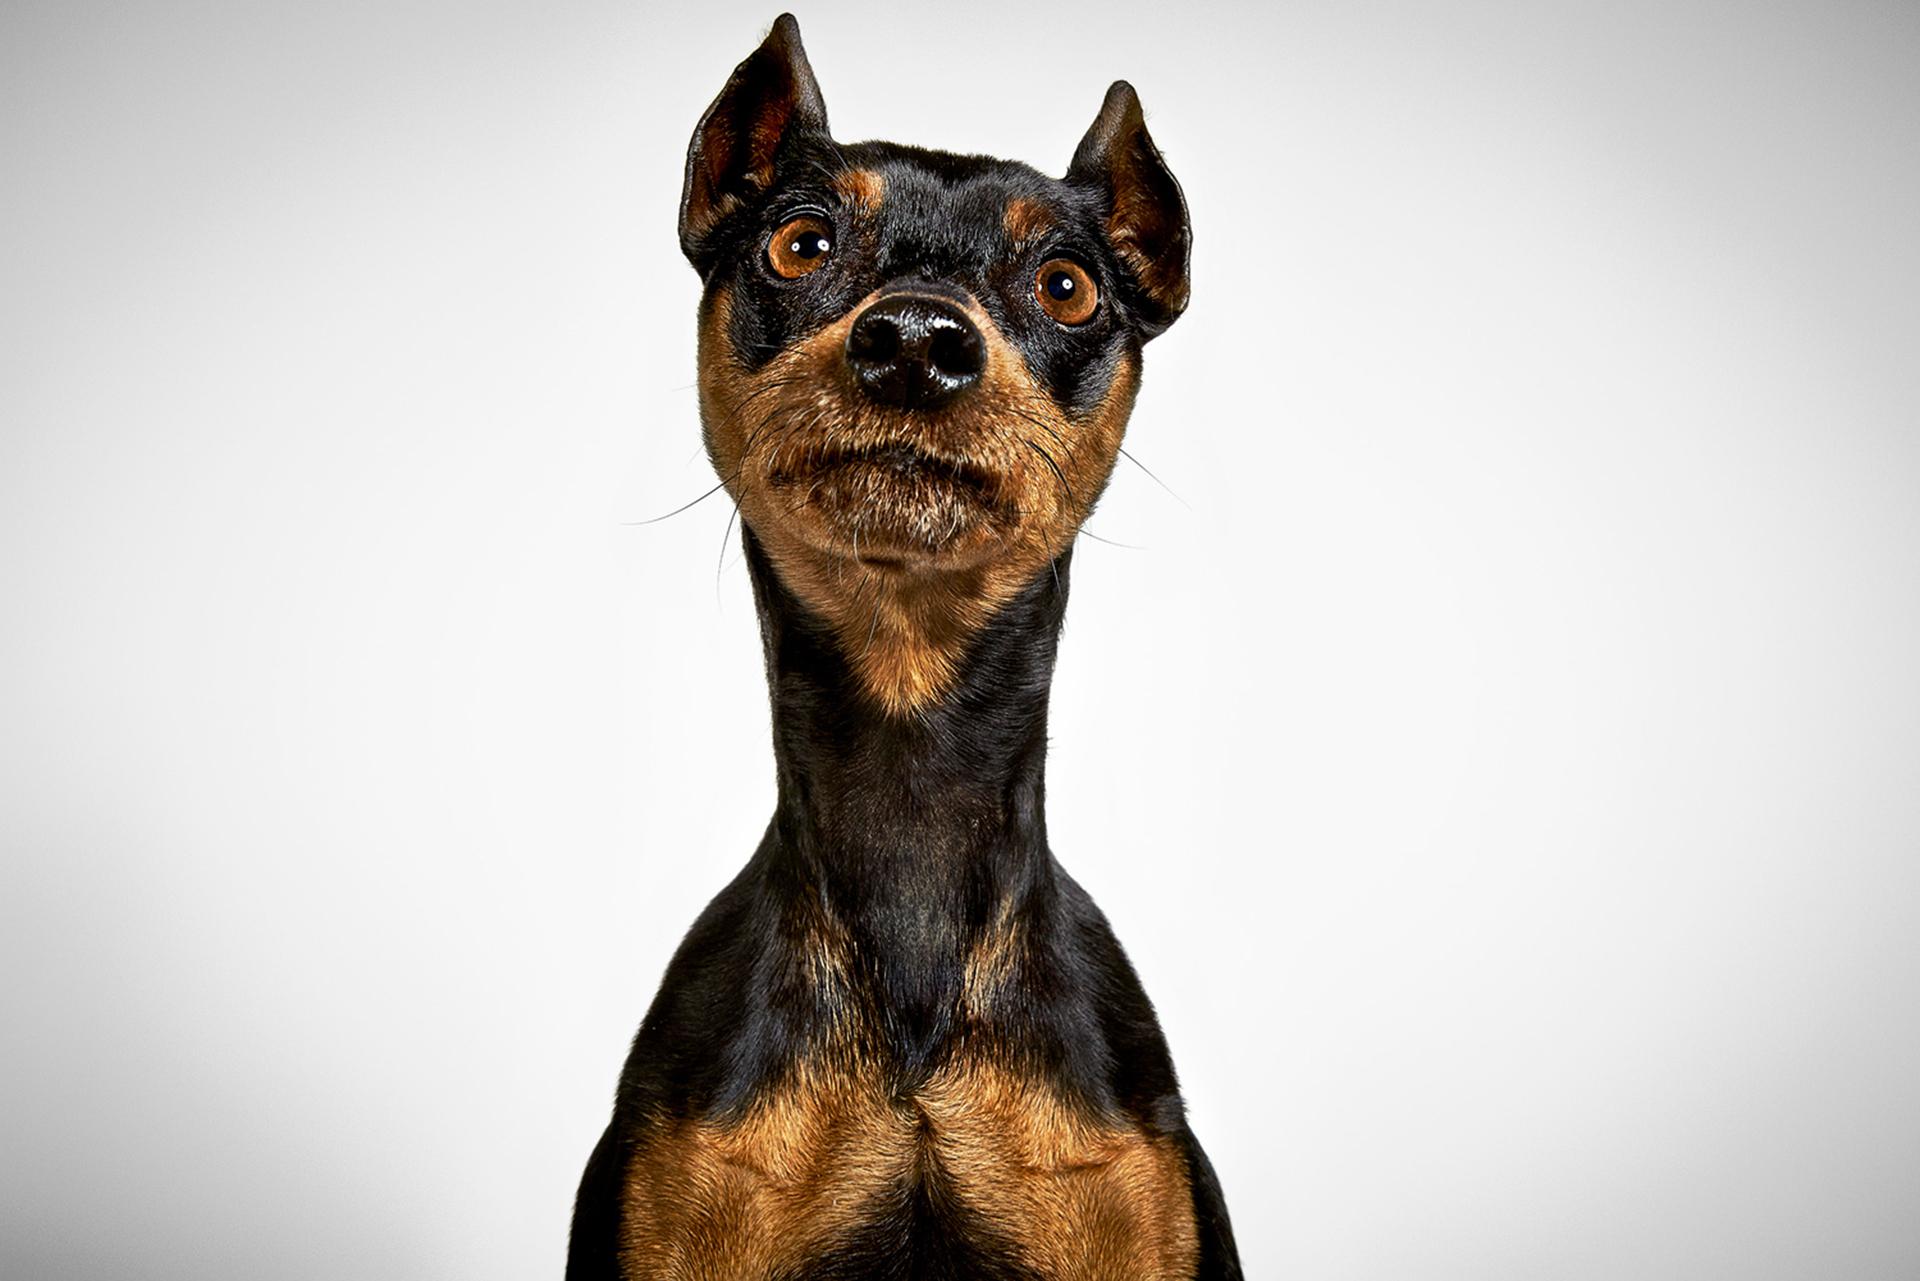 Pampa perdió su casa de la misma manera que lo hicieron muchos perros: su dueño se enfermó y no pudo cuidarlo. Ahora vive con Leslie y su otro Yorkie, Paco, en el Upper East Side de Nueva York. Pampa duerme en los brazos de Leslie como un bebé. Despierto, sin embargo, puede ser un poco travieso. Criada en Argentina, Leslie trajo a casa muchos perros vagabundos